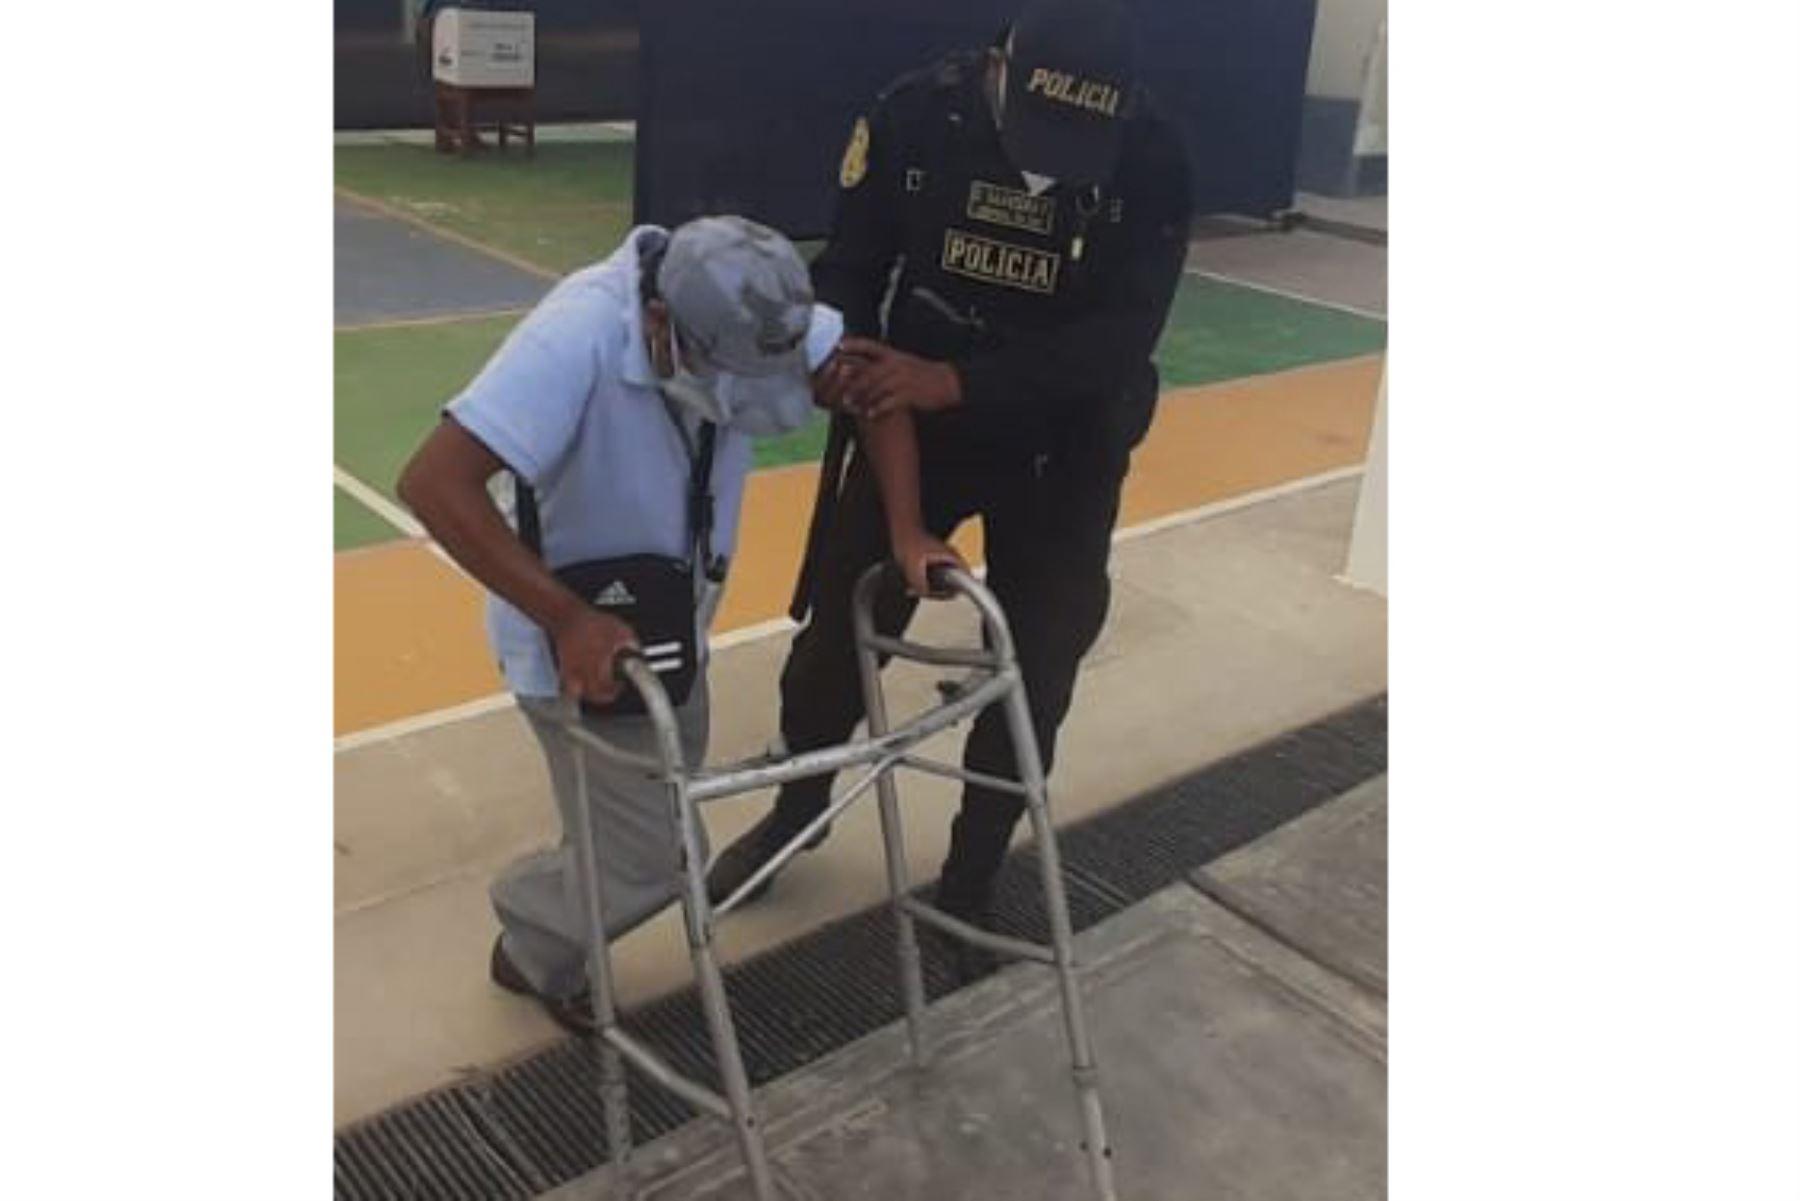 Policía apoya a persona con discapacidad física que acudió a votar pese a su impedimento físico. Foto: Twitter PNP.